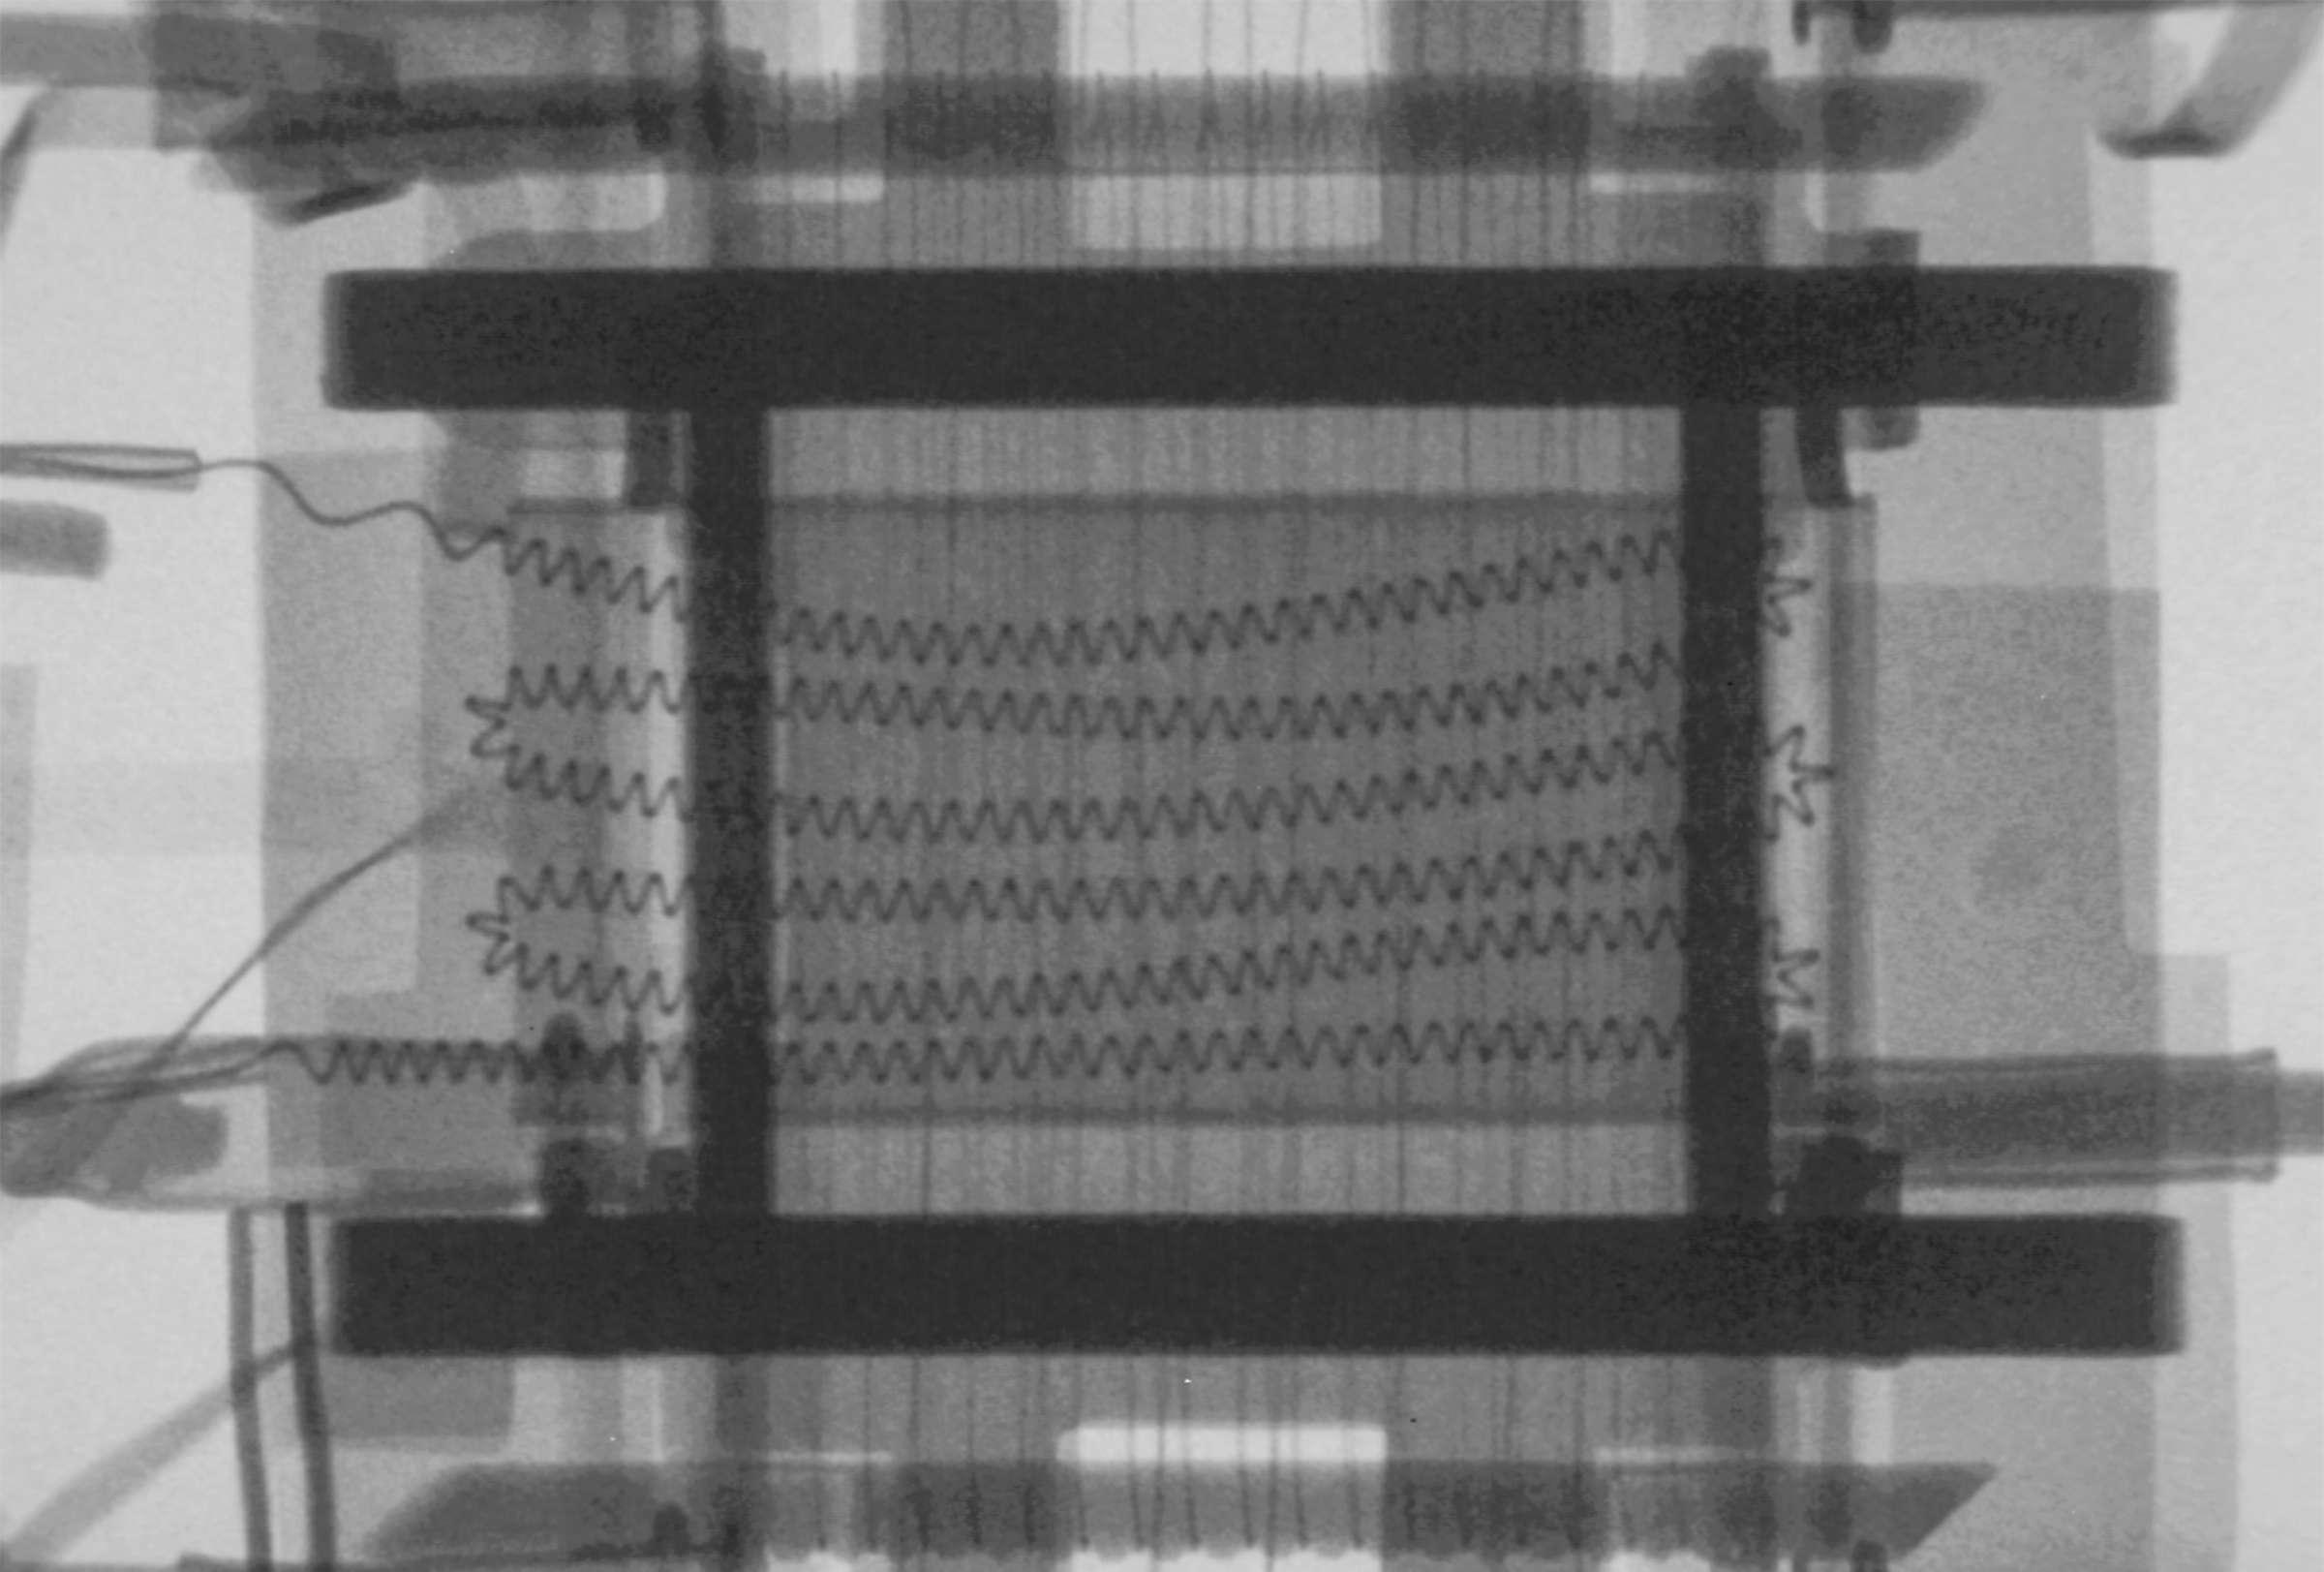 Рентгенография радиолампы 6Ж9П